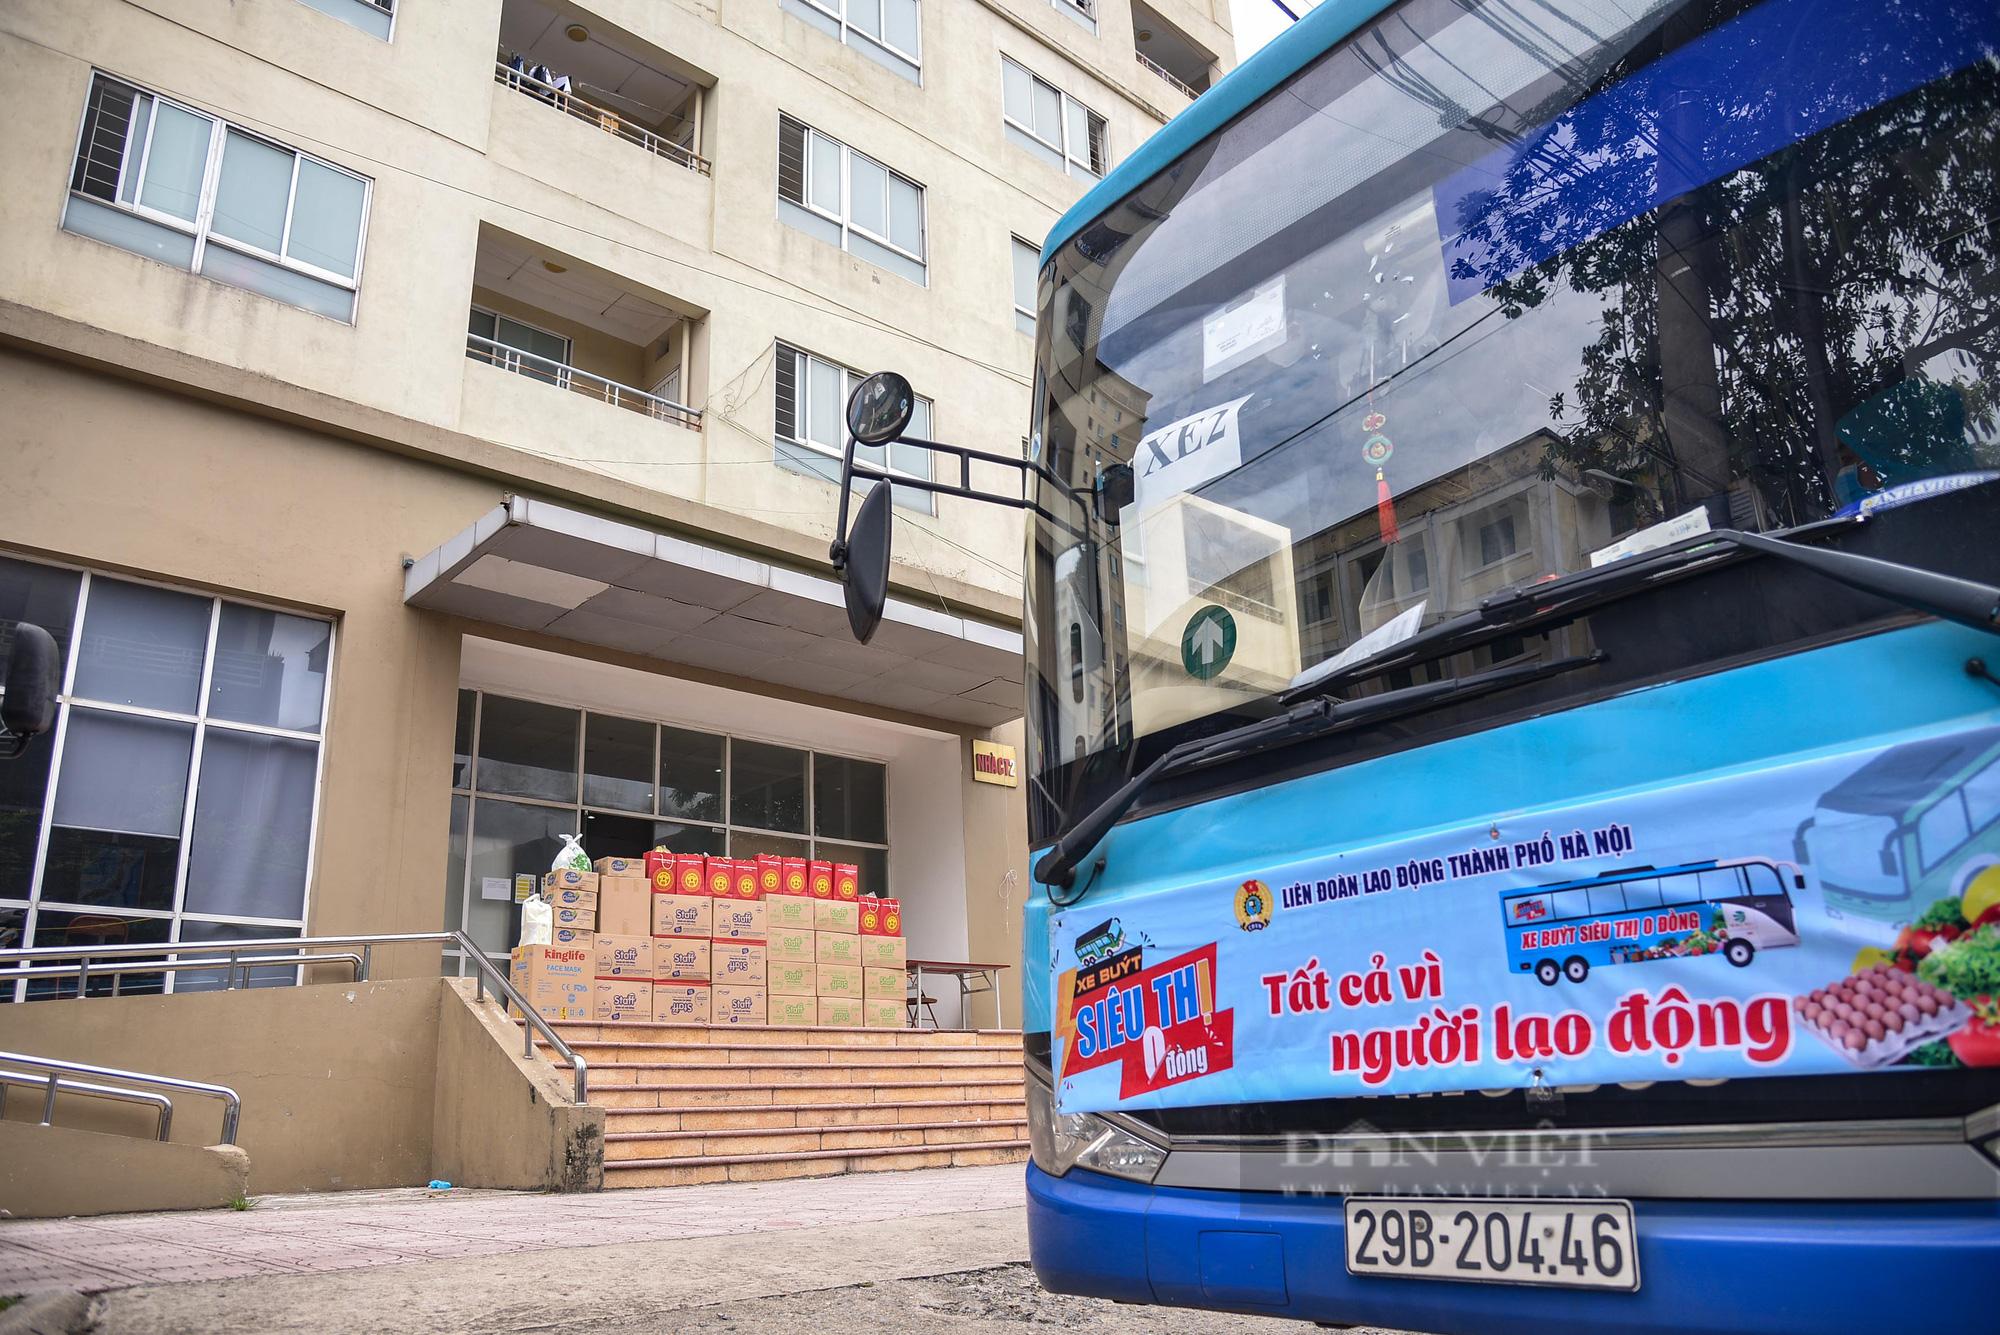 """Cận cảnh """"Xe buýt siêu thị 0 đồng"""" đầu tiên phục vụ CNLĐ khu công nghiệp Hà Nội - Ảnh 6."""